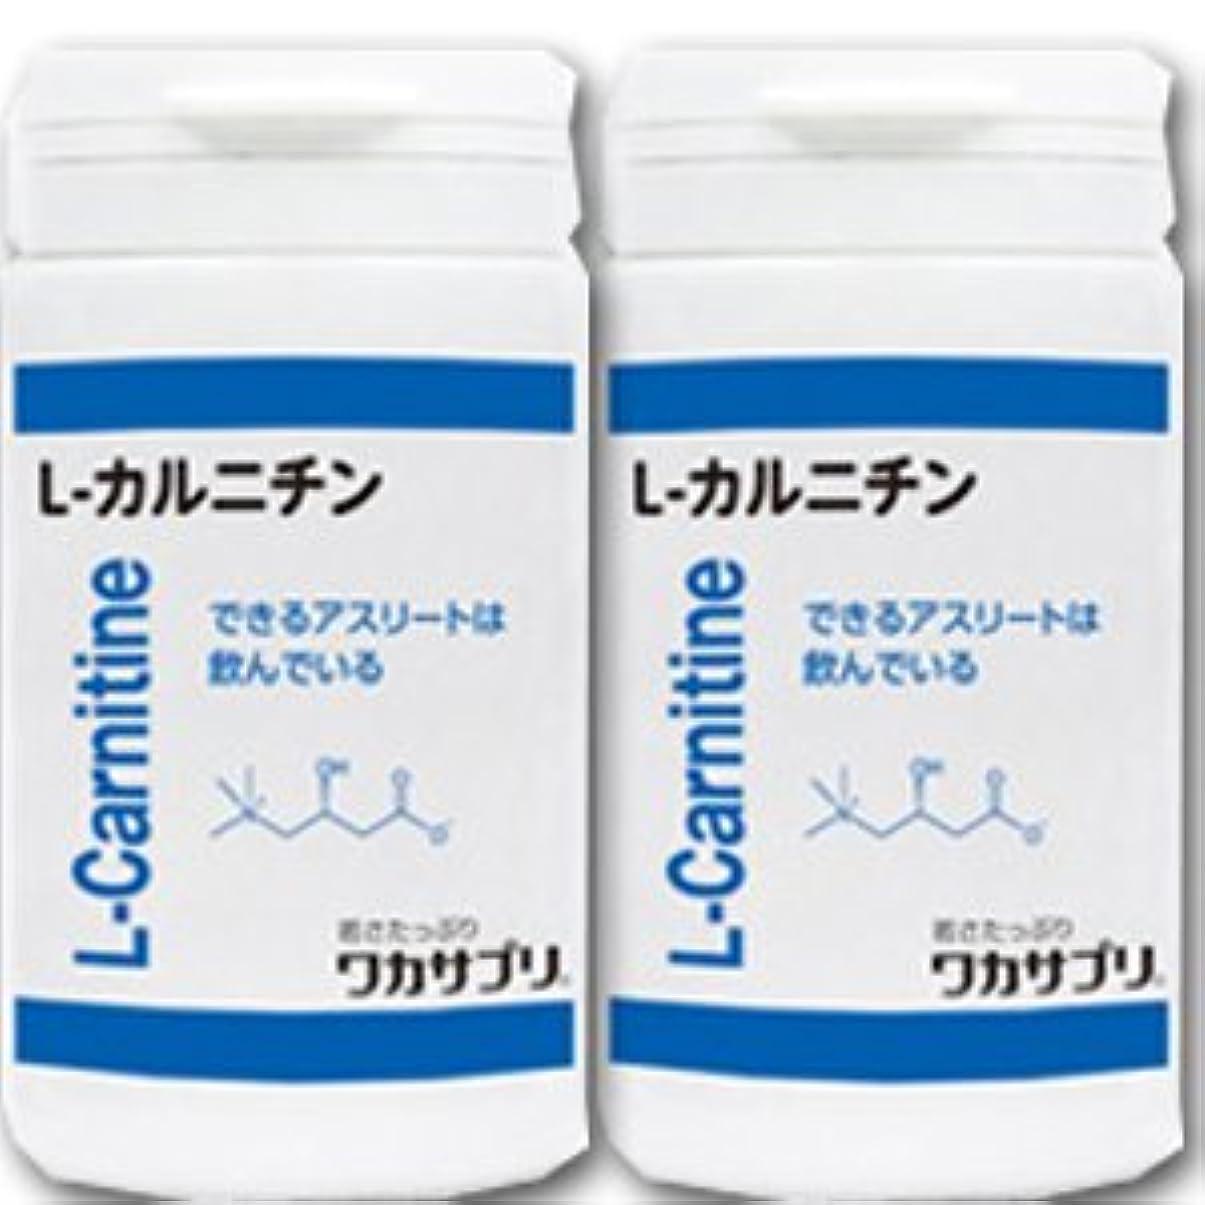 デュアル家具観客【2個】 ワカサプリ L-カルニチン 60粒x2個(4562137413703)